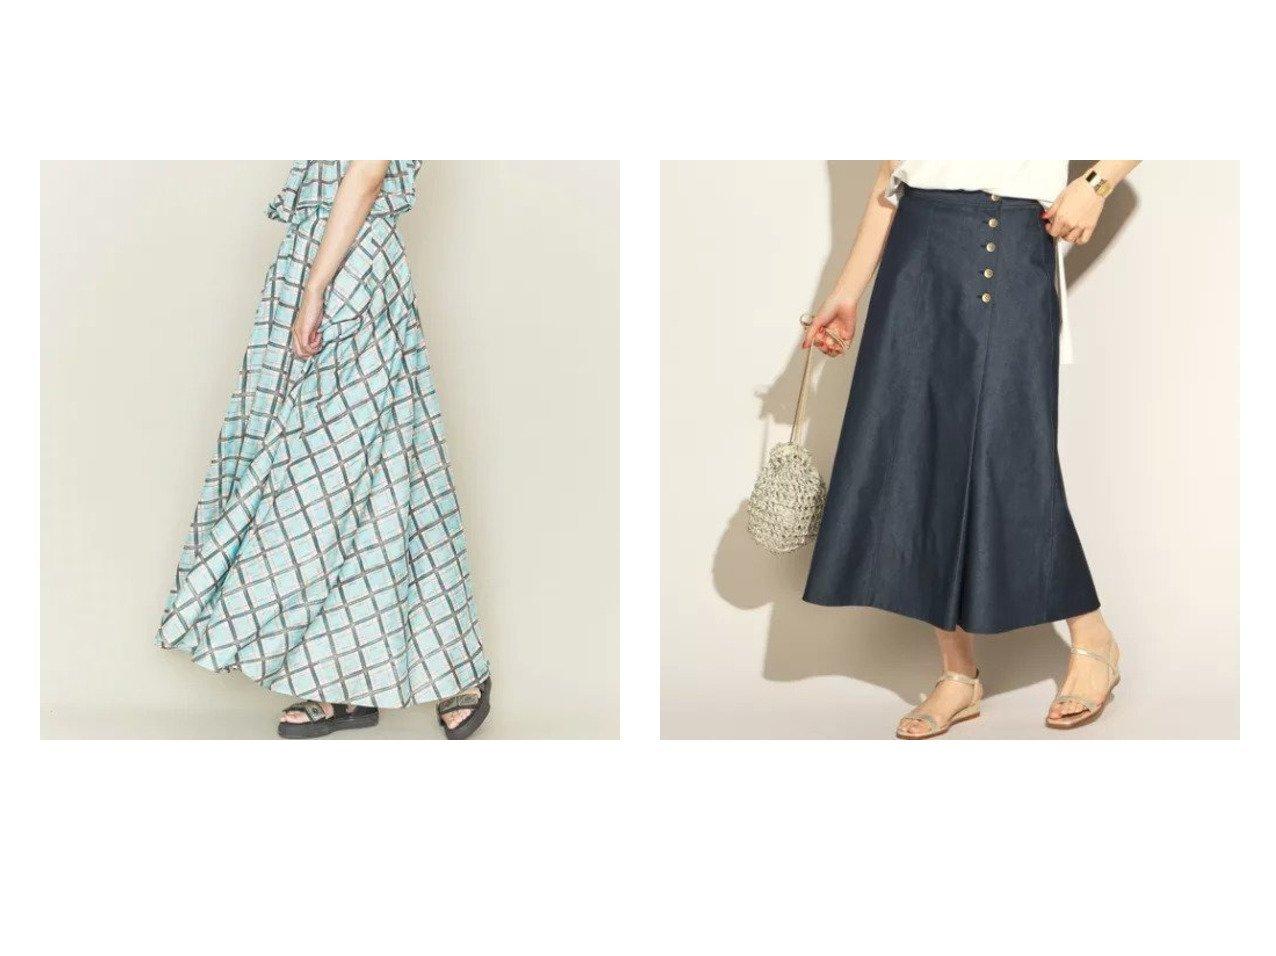 【NOLLEY'S/ノーリーズ】のデニムフレアスカート&【ASTRAET/アストラット】のチェックプリント フレアスカート† 【スカート】おすすめ!人気、トレンド・レディースファッションの通販 おすすめで人気の流行・トレンド、ファッションの通販商品 メンズファッション・キッズファッション・インテリア・家具・レディースファッション・服の通販 founy(ファニー) https://founy.com/ ファッション Fashion レディースファッション WOMEN スカート Skirt Aライン/フレアスカート Flared A-Line Skirts S/S・春夏 SS・Spring/Summer デニム フレア フロント 春 Spring おすすめ Recommend キャミソール シアー スニーカー チェック ドレープ プリント マキシ ロング |ID:crp329100000029136